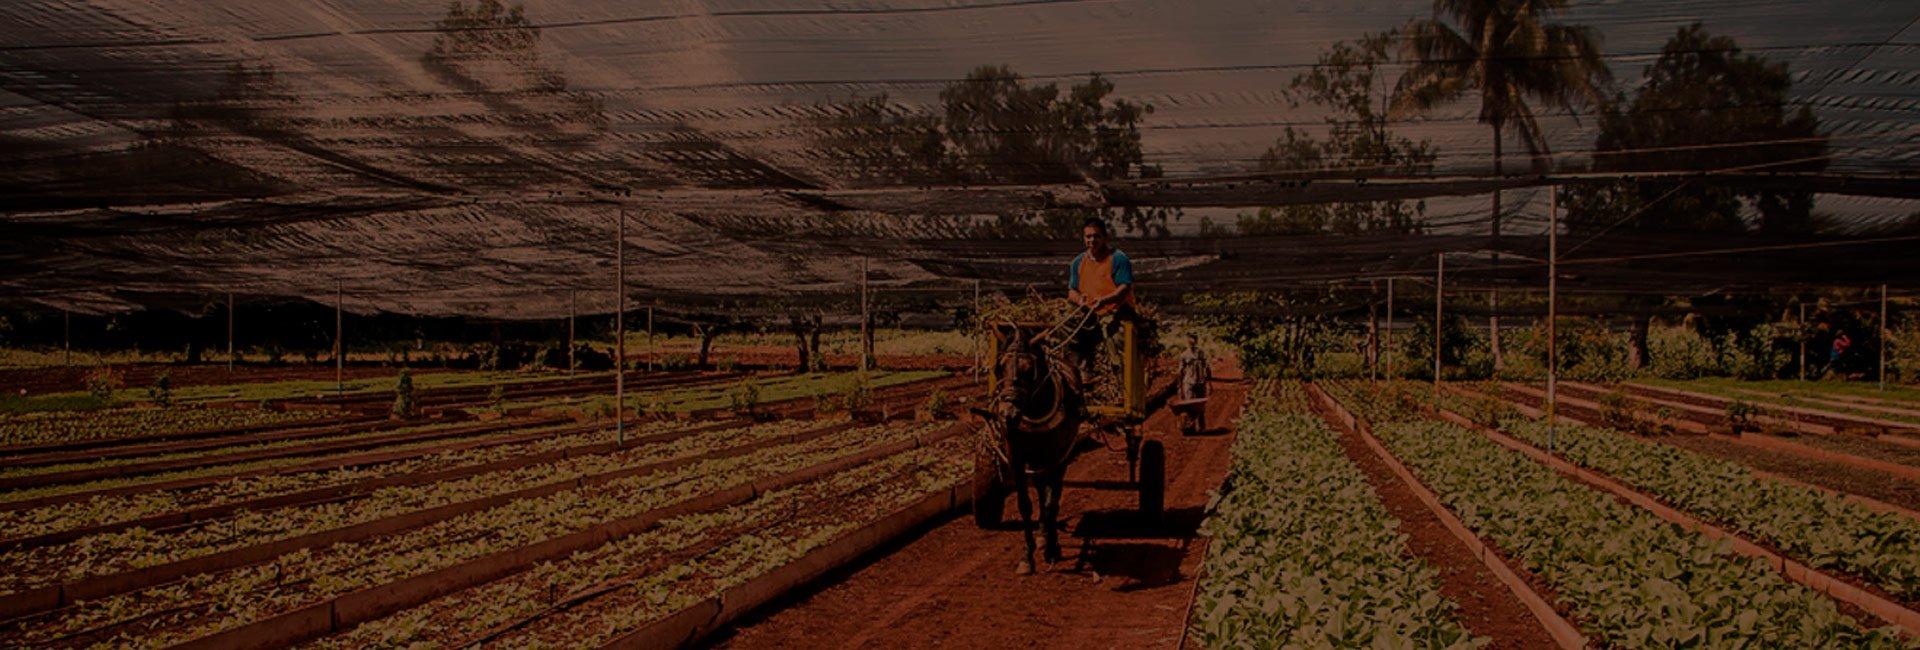 grupo_pruduccion_agricola_sostenible